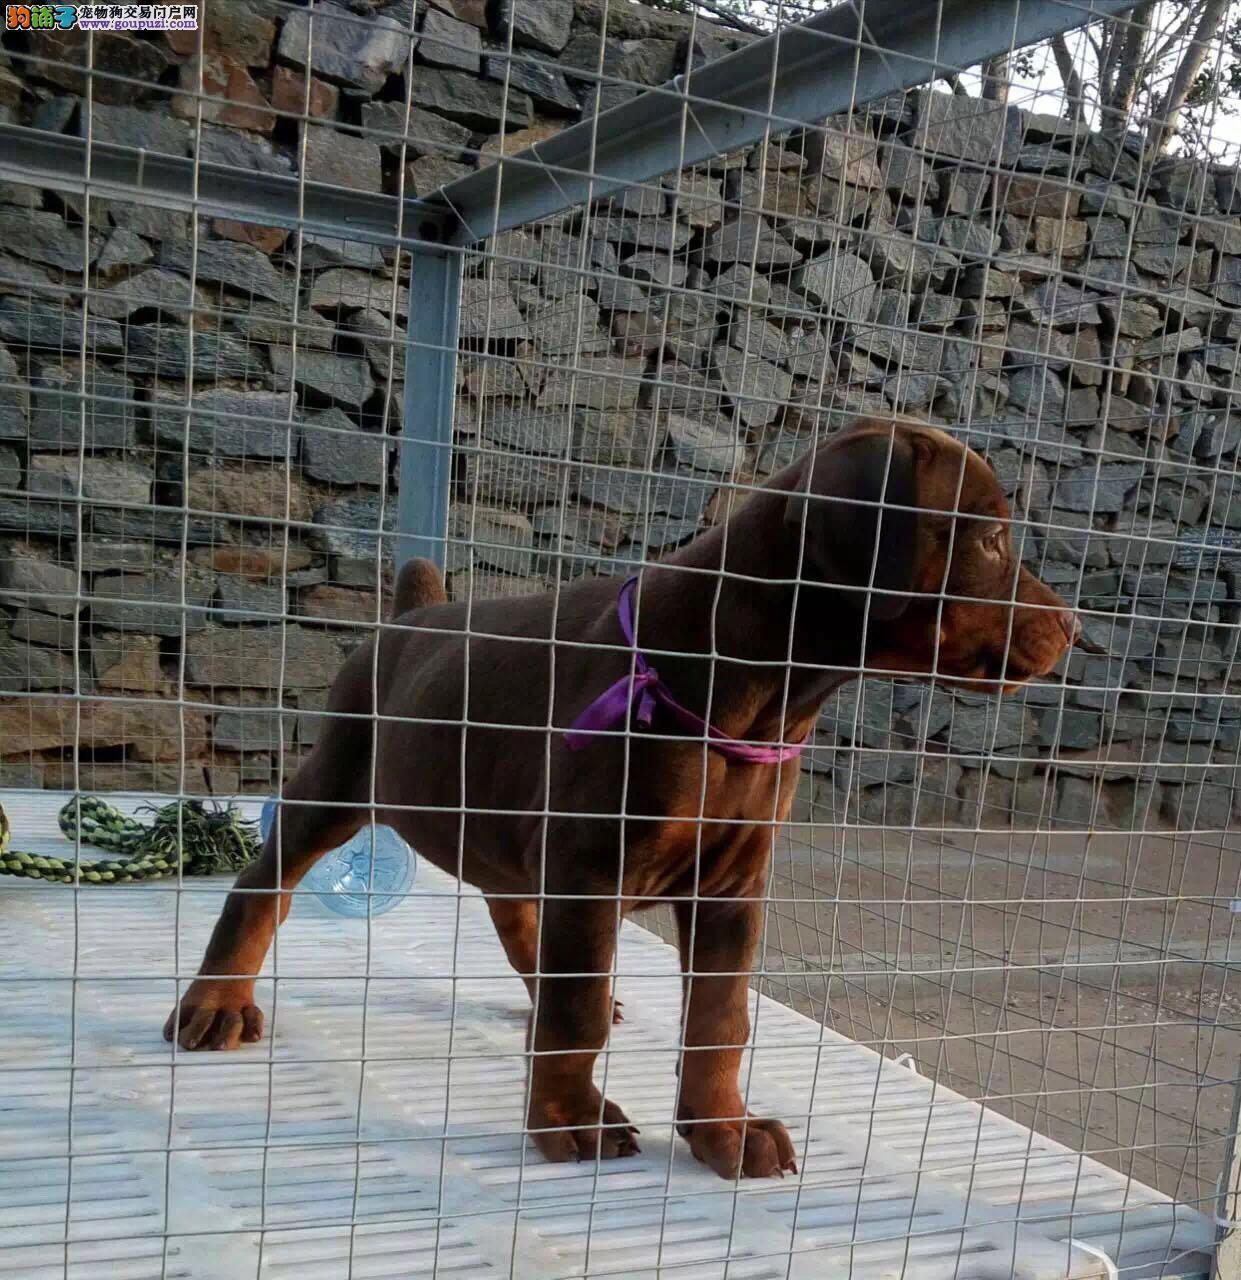 德系纯种杜宾犬 颜色全专业犬舍繁殖幼犬带证书4